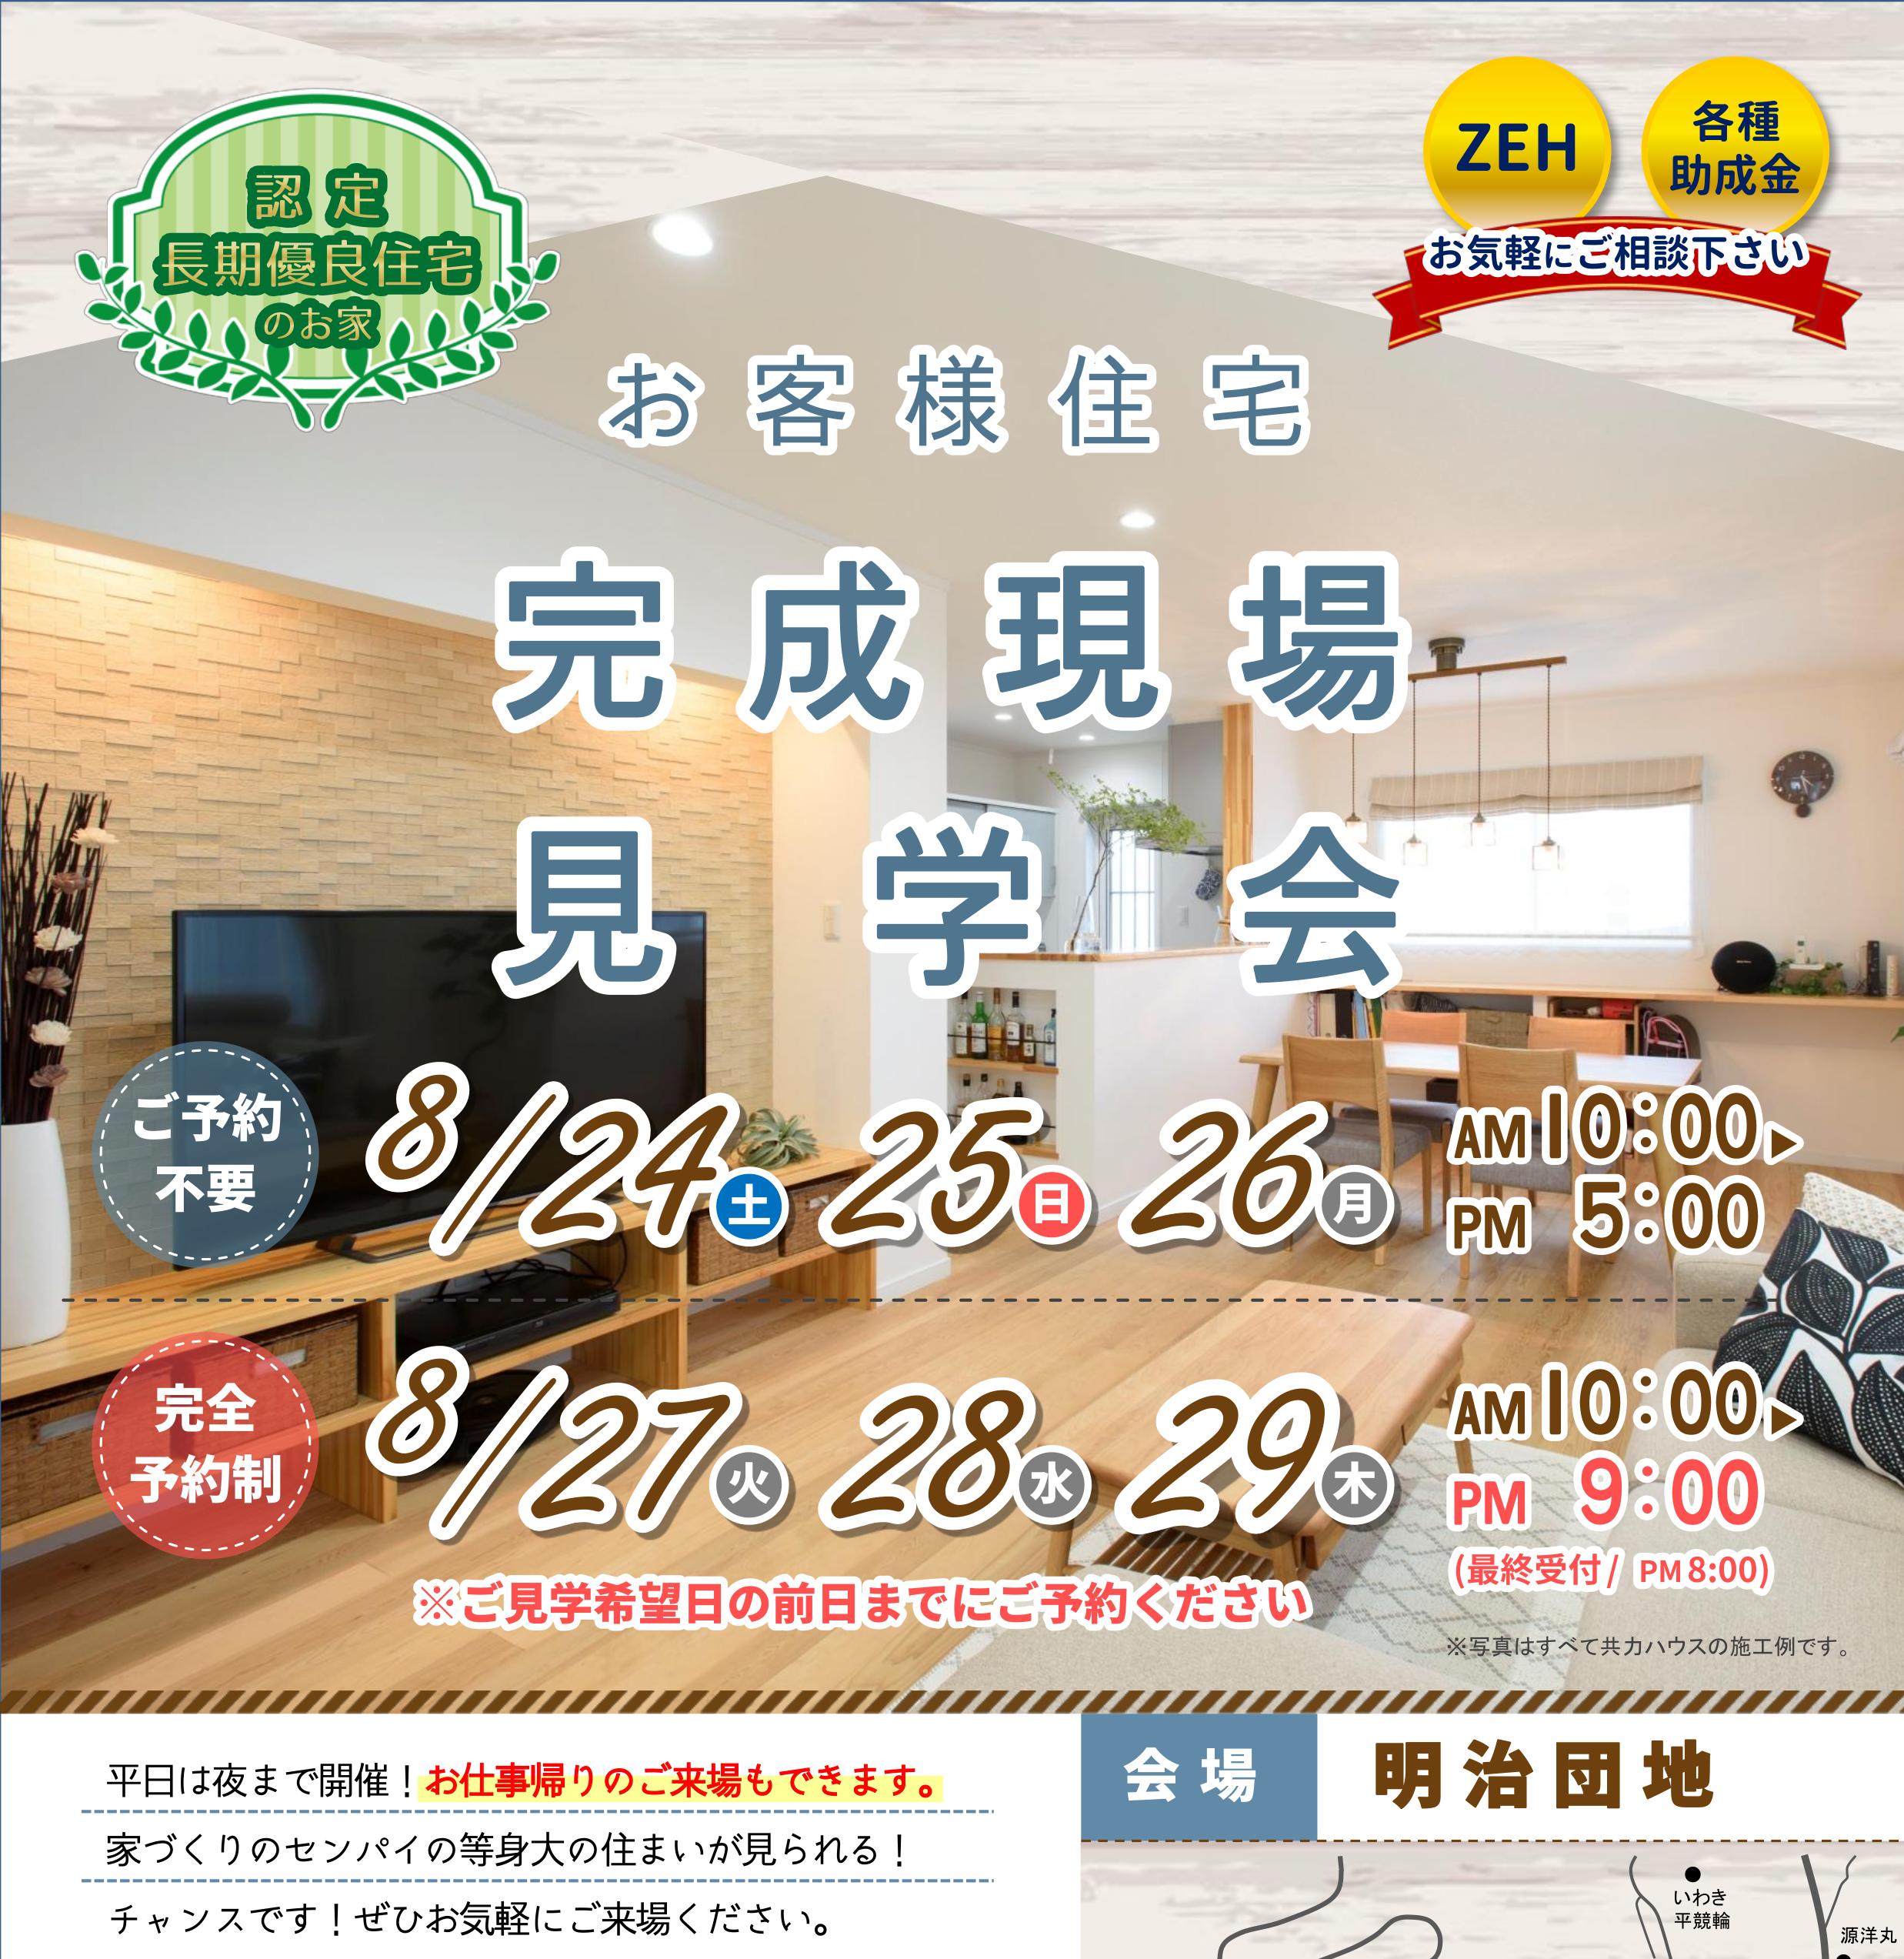 8/24(土)~29(木)明治団地/完成見学会開催!!